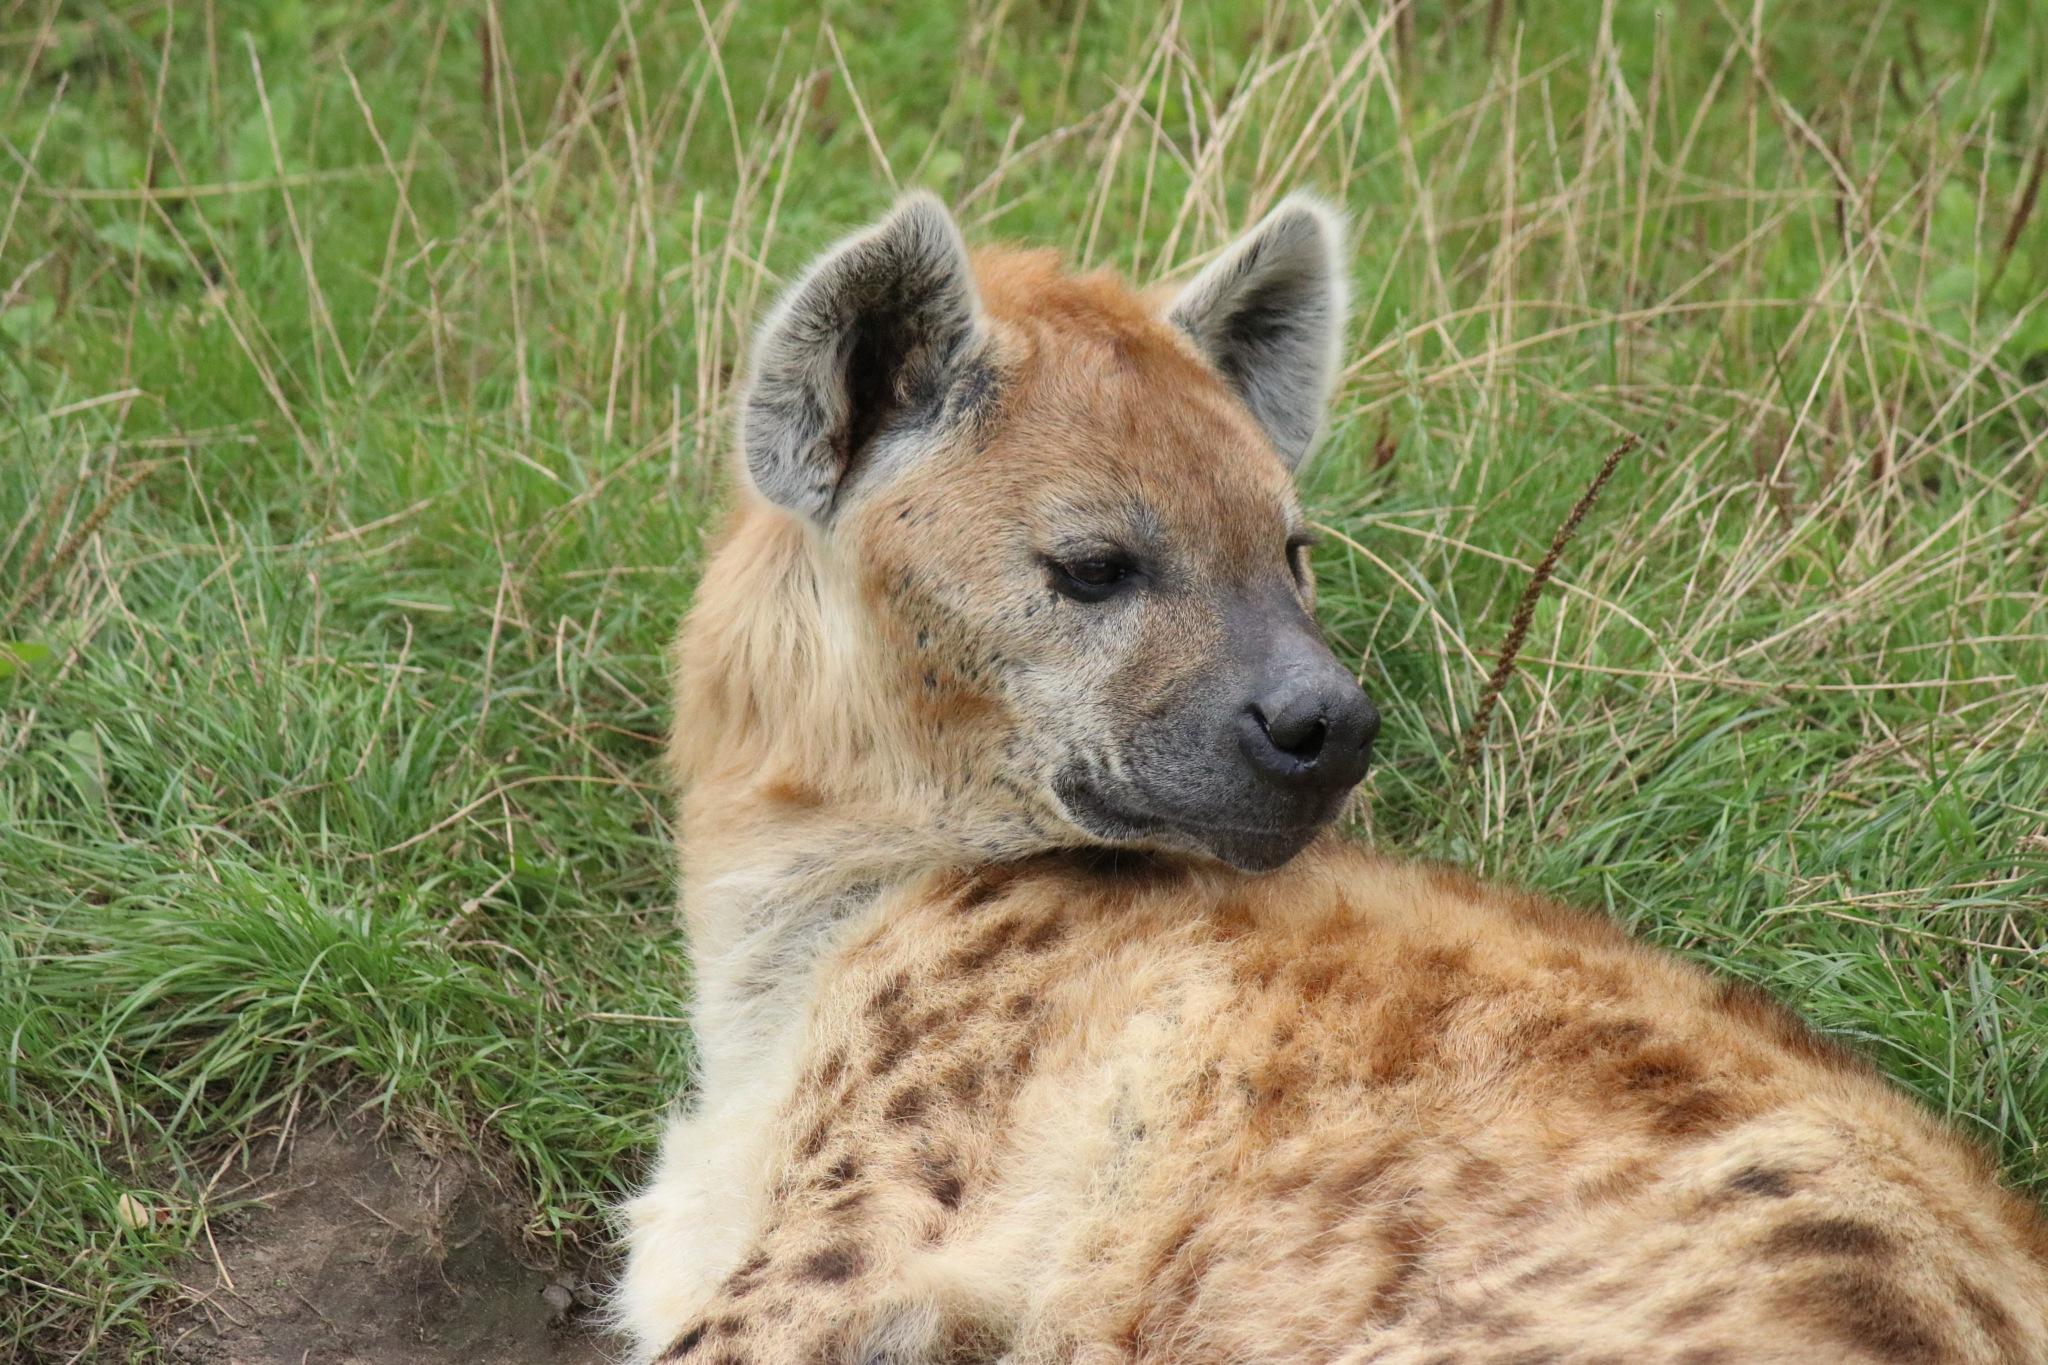 Hyena by Jojophotography